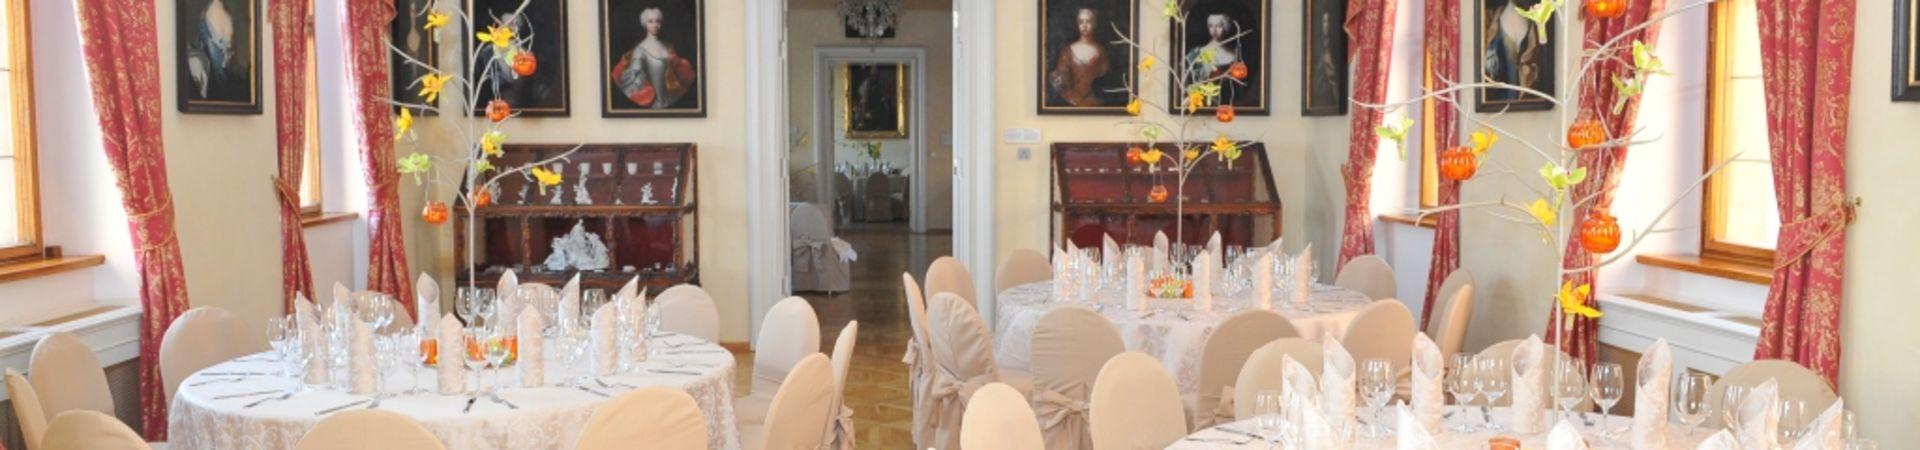 Lobkowiczký palác - Pražský hrad - Rokokový sál